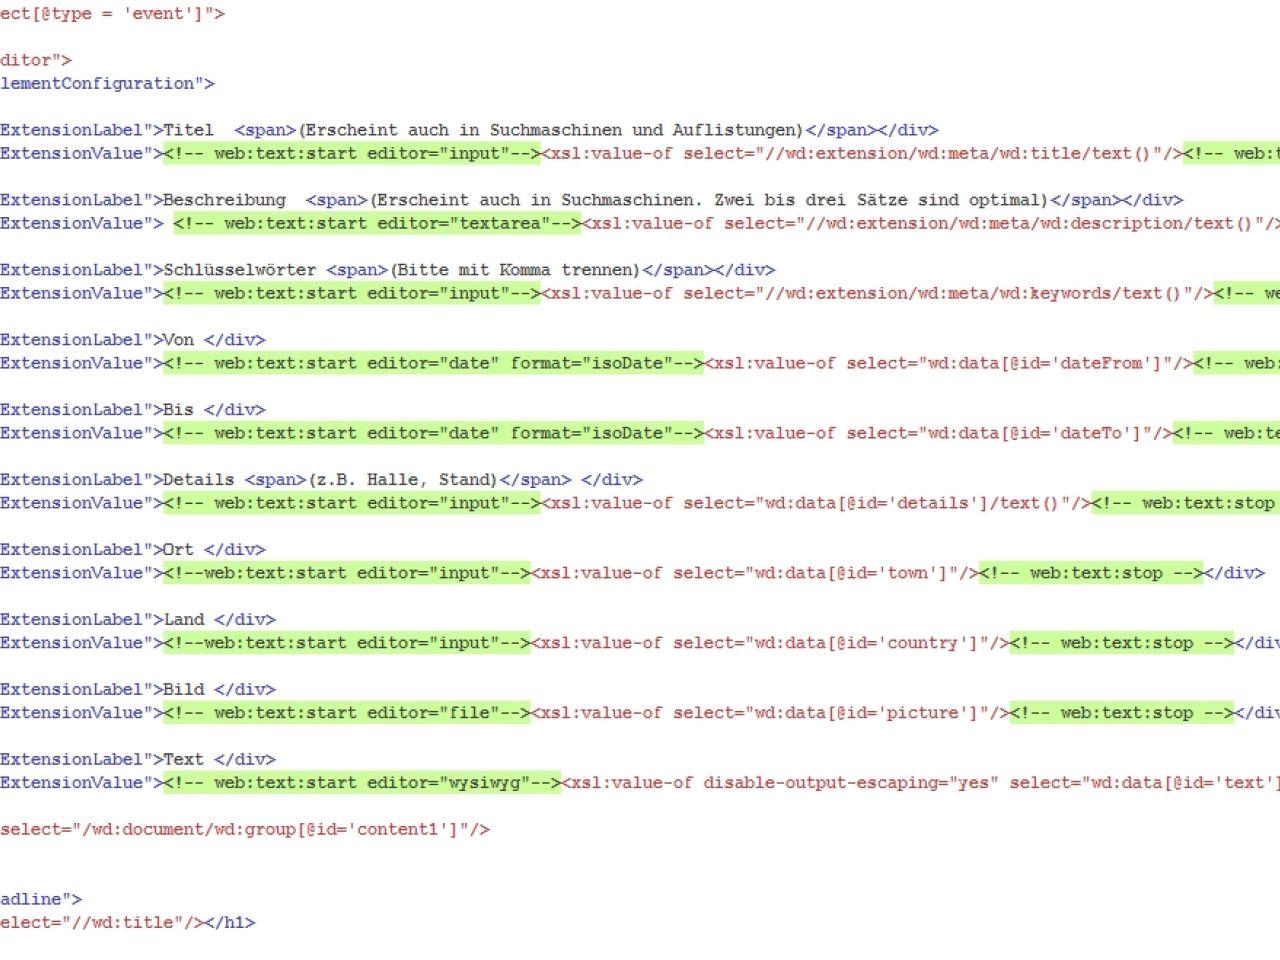 XML / XSLT / PHP: Alles anpassbar